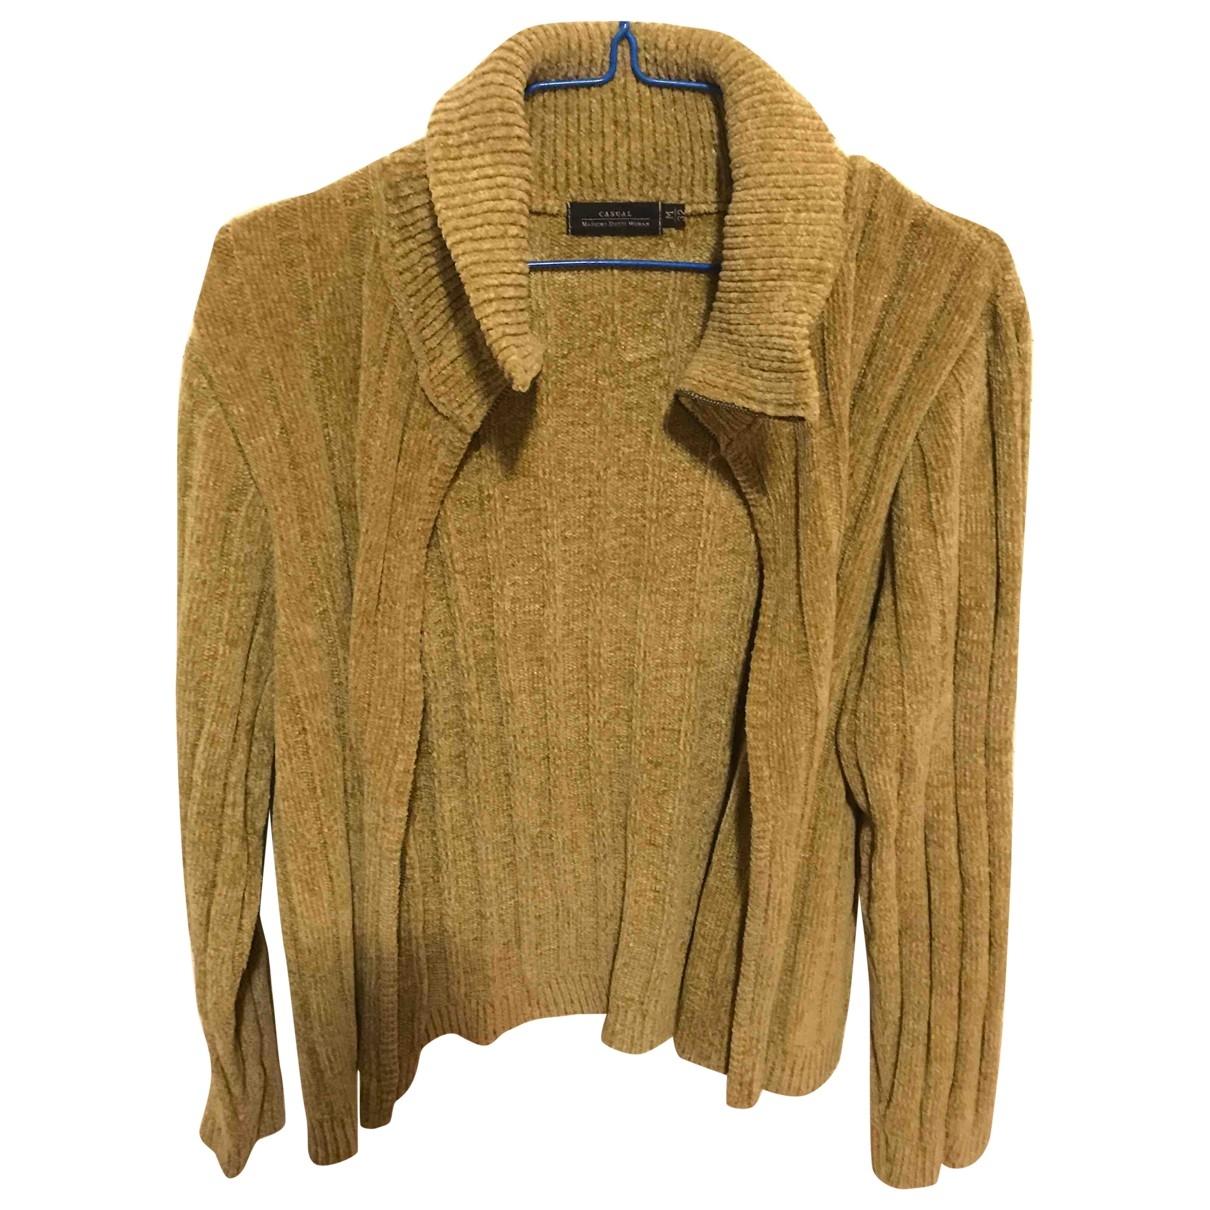 Massimo Dutti \N Beige Knitwear for Women M International